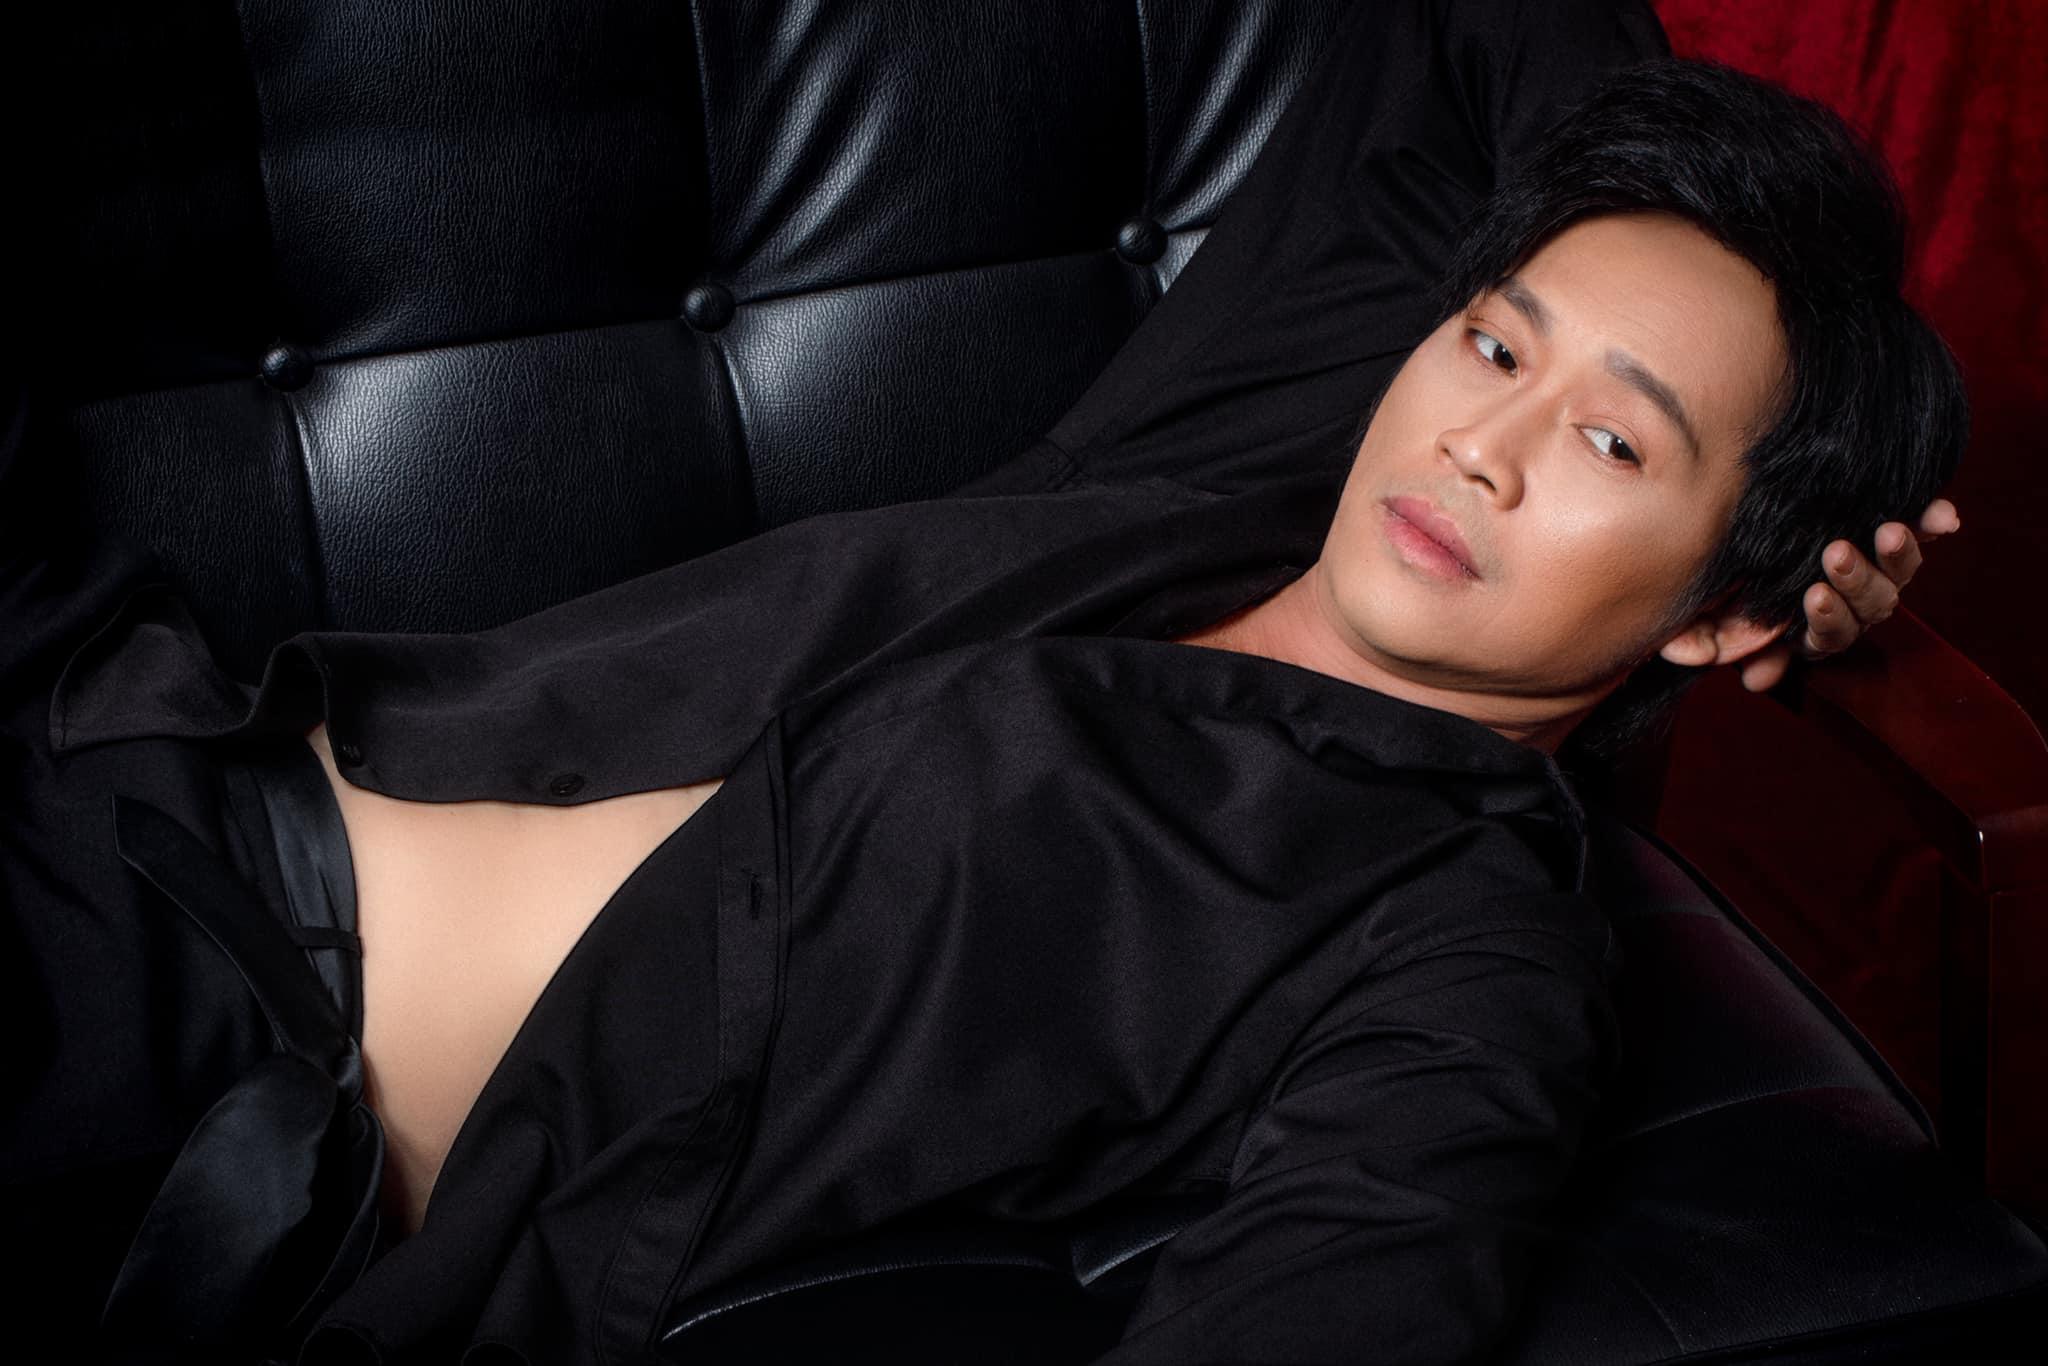 NS Hoài Linh chơi lớn kéo áo khoe cơ bụng khiến cả dàn sao Vbiz dậy sóng